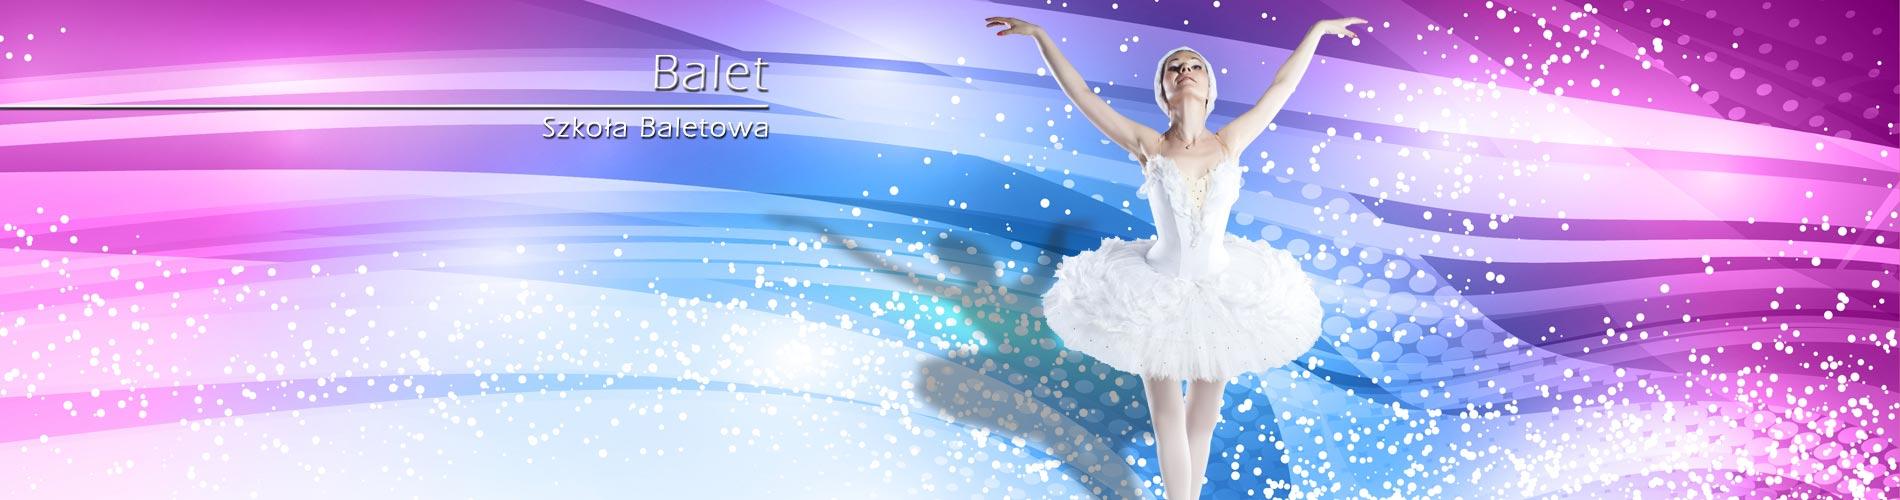 BALET  Szkoła Baletowa - Zajęcia od października